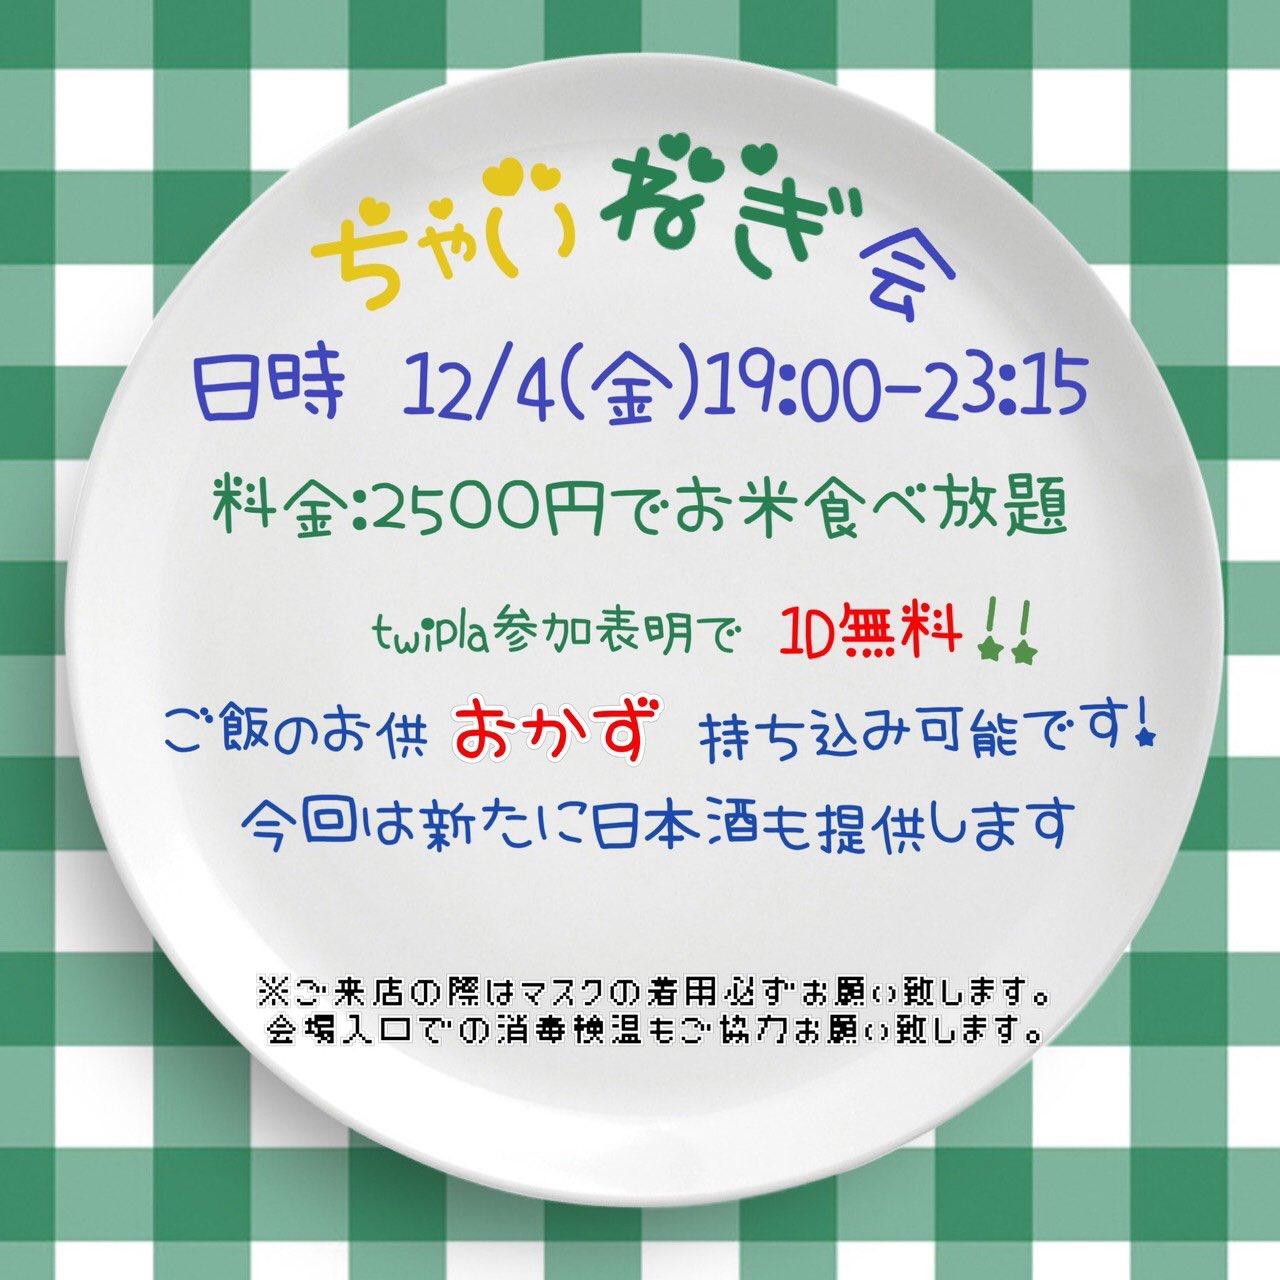 【イベント情報】第二回ちゃいねぎ会【12/4(金)19:00〜】フライヤー